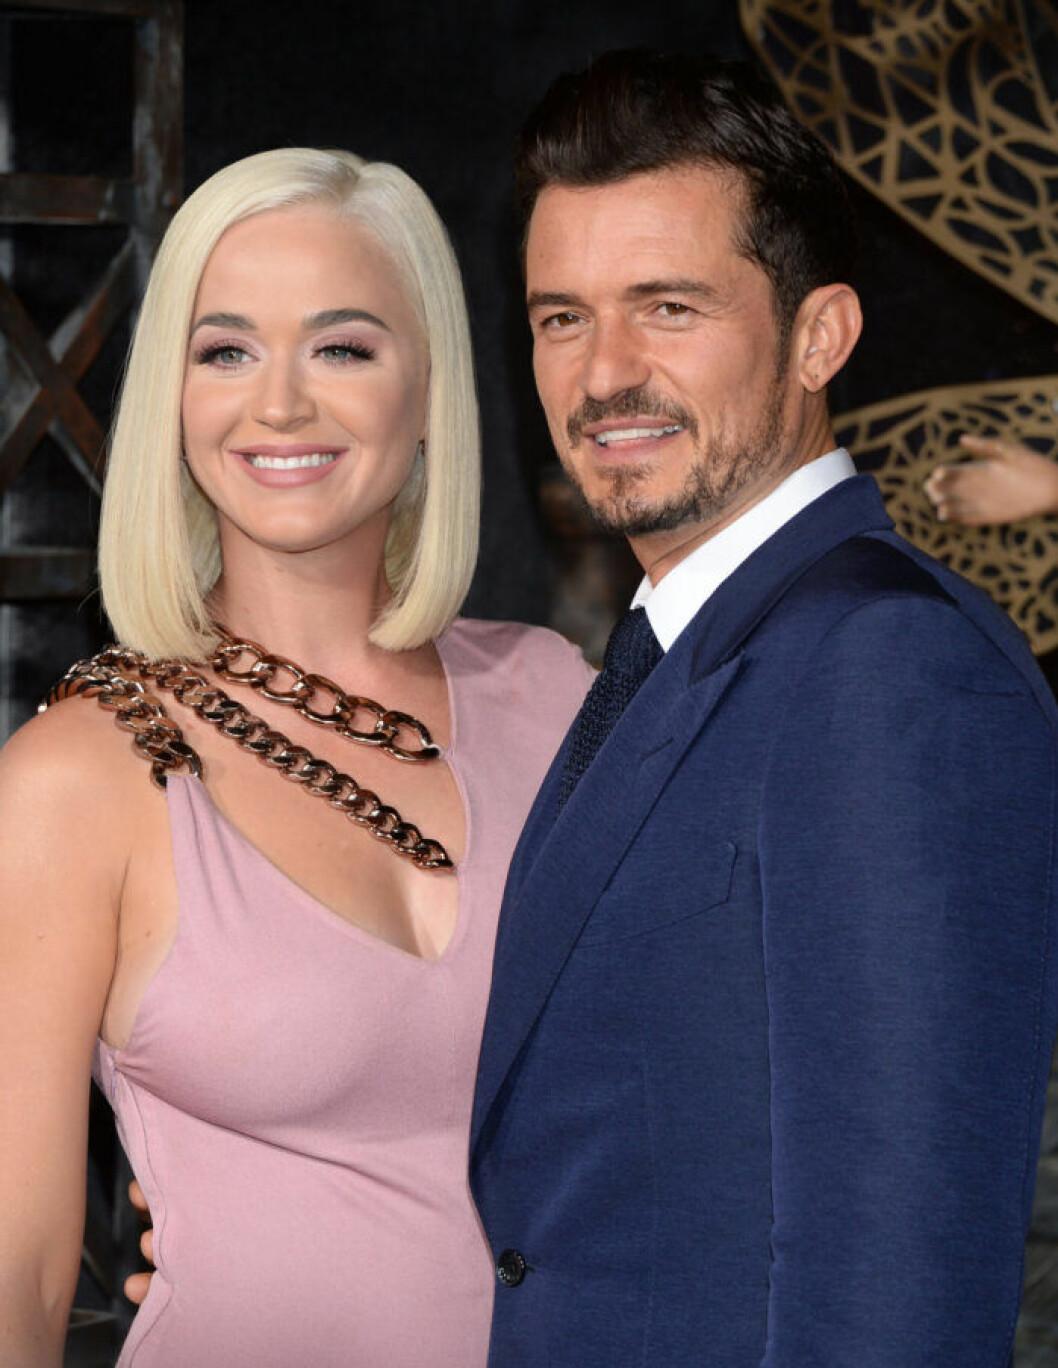 Katy Perry har öppnat upp om sin relation med Orlando Bloom flera gånger.